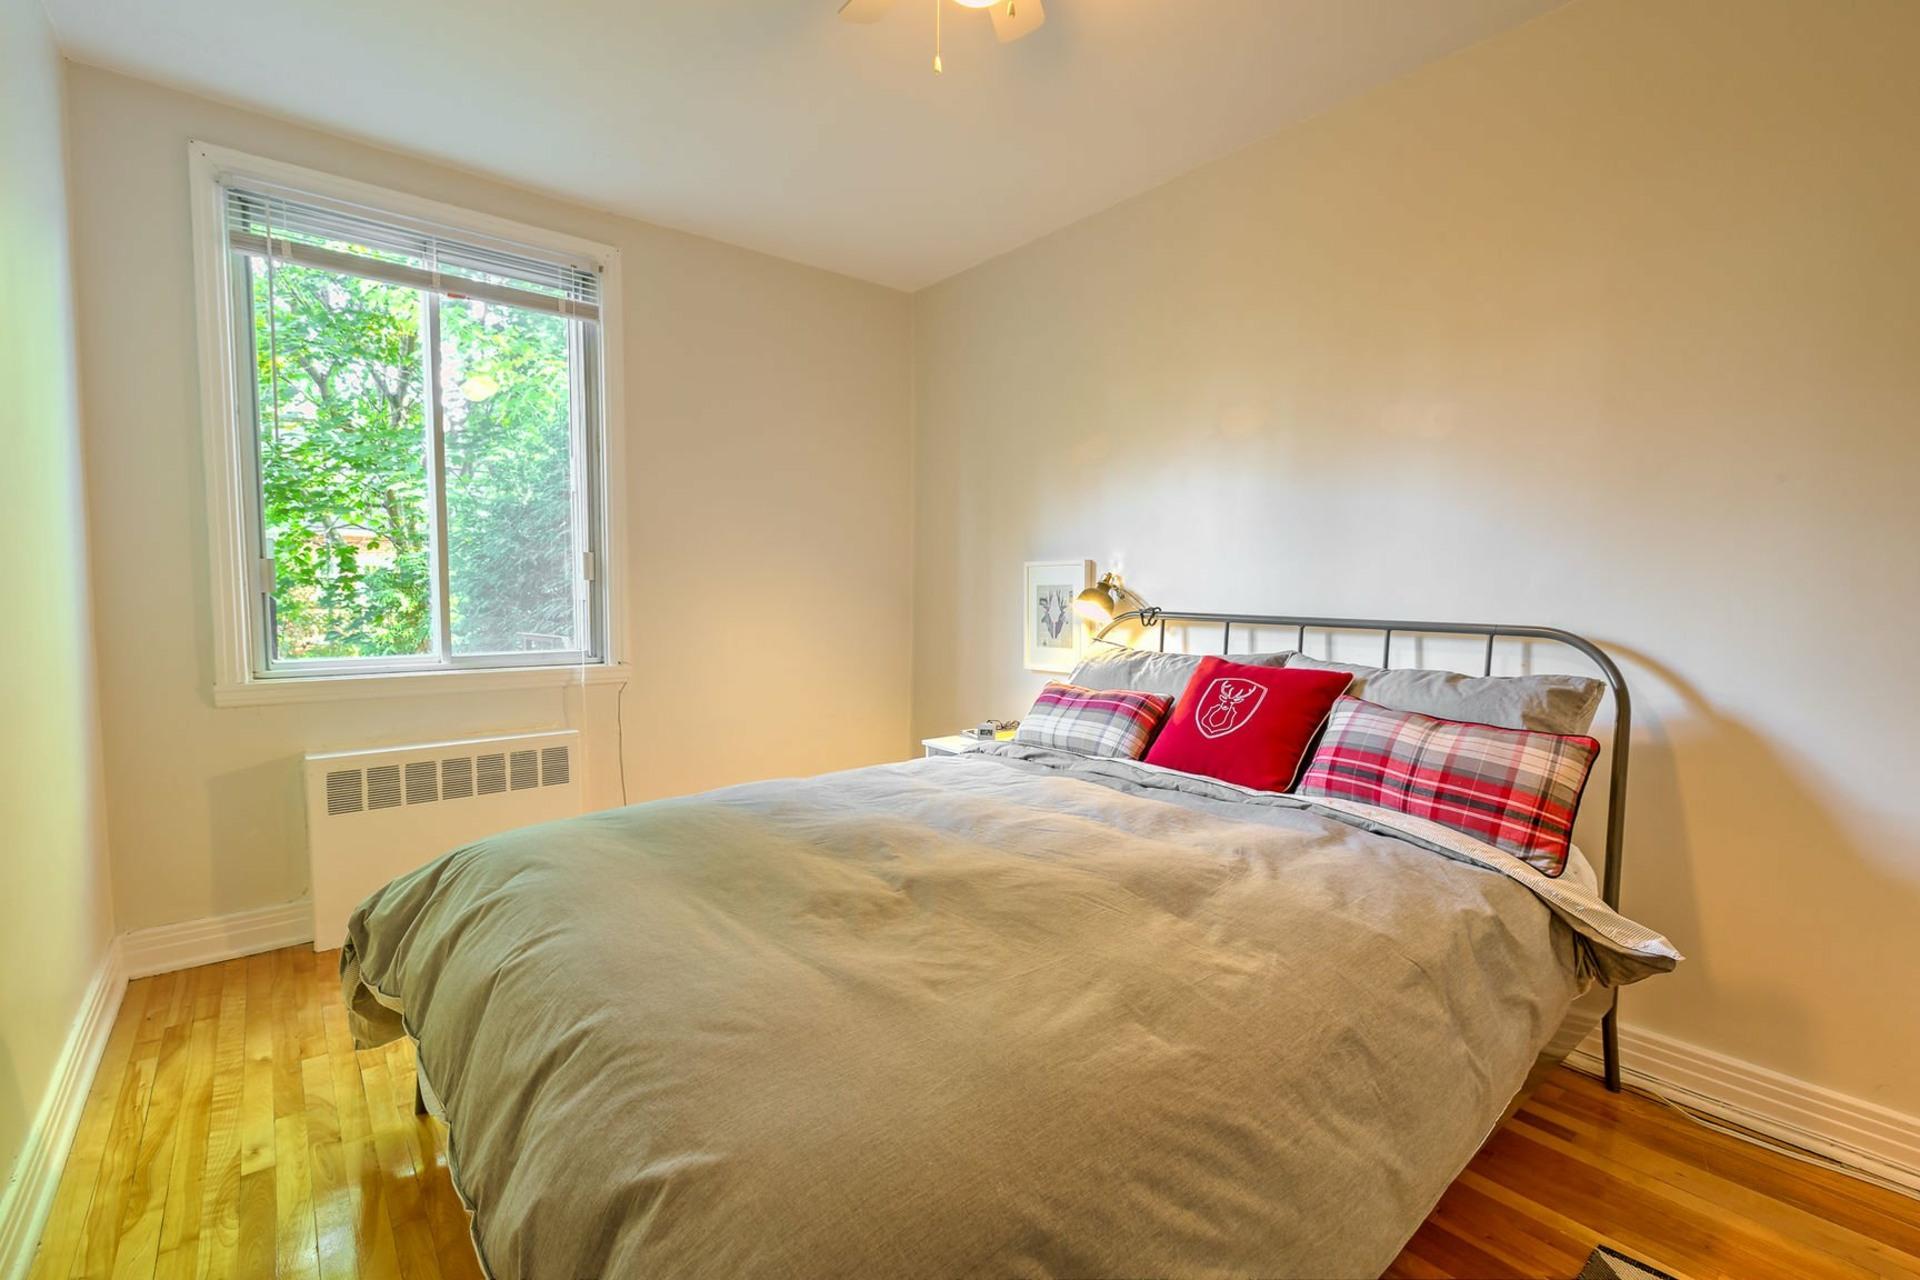 image 11 - Duplex À vendre Côte-des-Neiges/Notre-Dame-de-Grâce Montréal  - 5 pièces